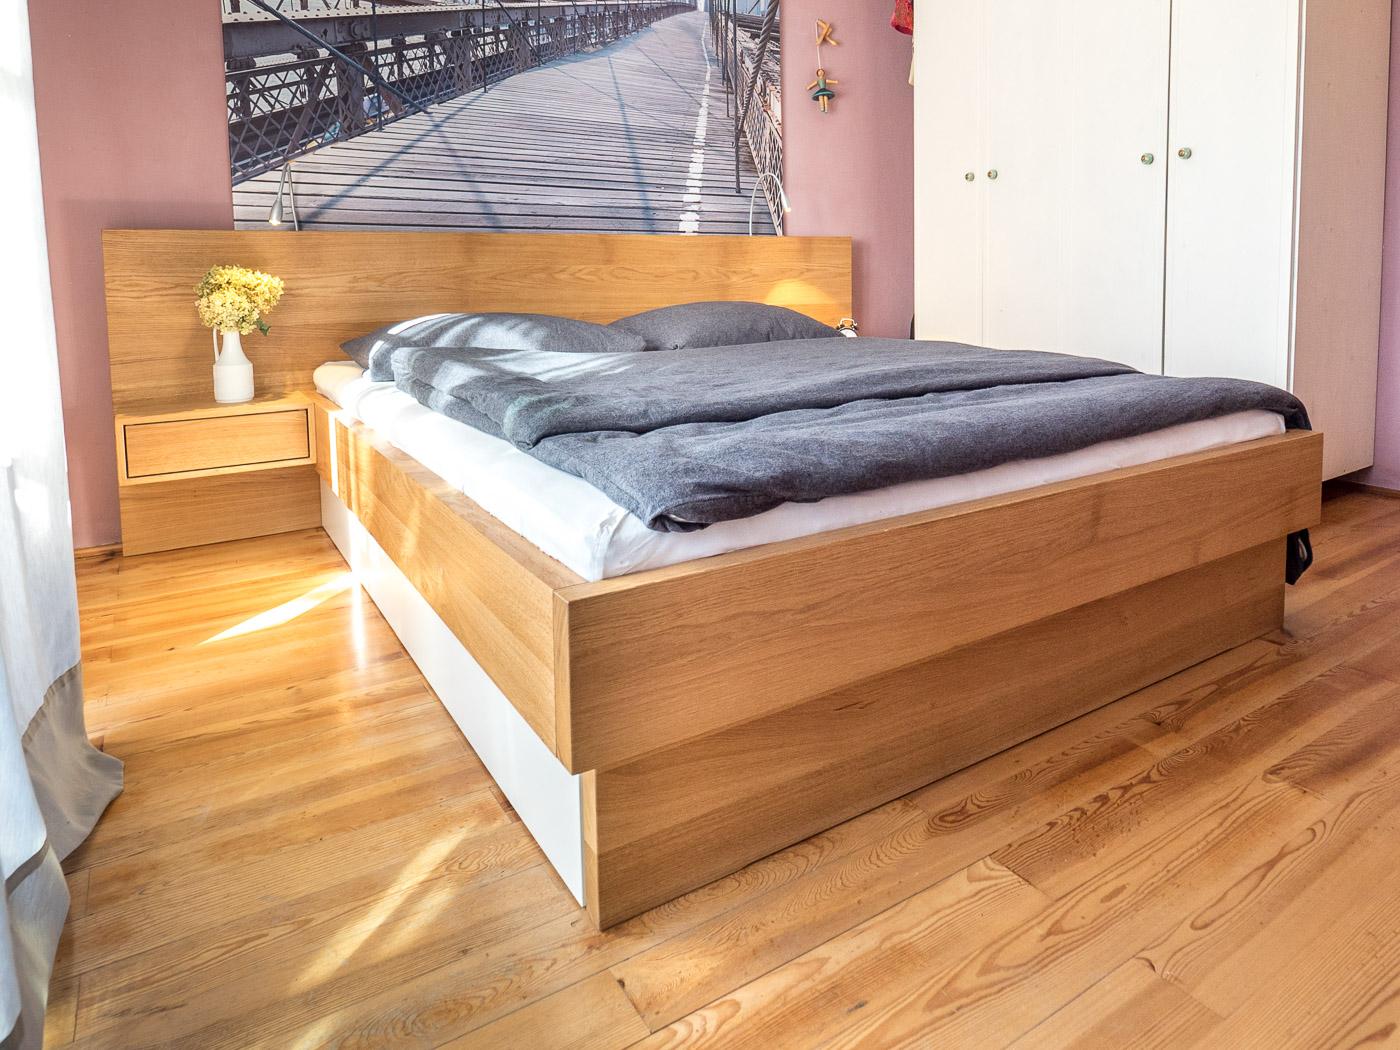 Full Size of Schlafzimmermbel Und Betten Vom Schreiner Dorhuber In Kienberg Bett 120 X 200 Dico Landhaus Möbel Boss Metall Matratze Tojo Treca 180x200 Mit Bettkasten Flach Bett Bett Rückwand